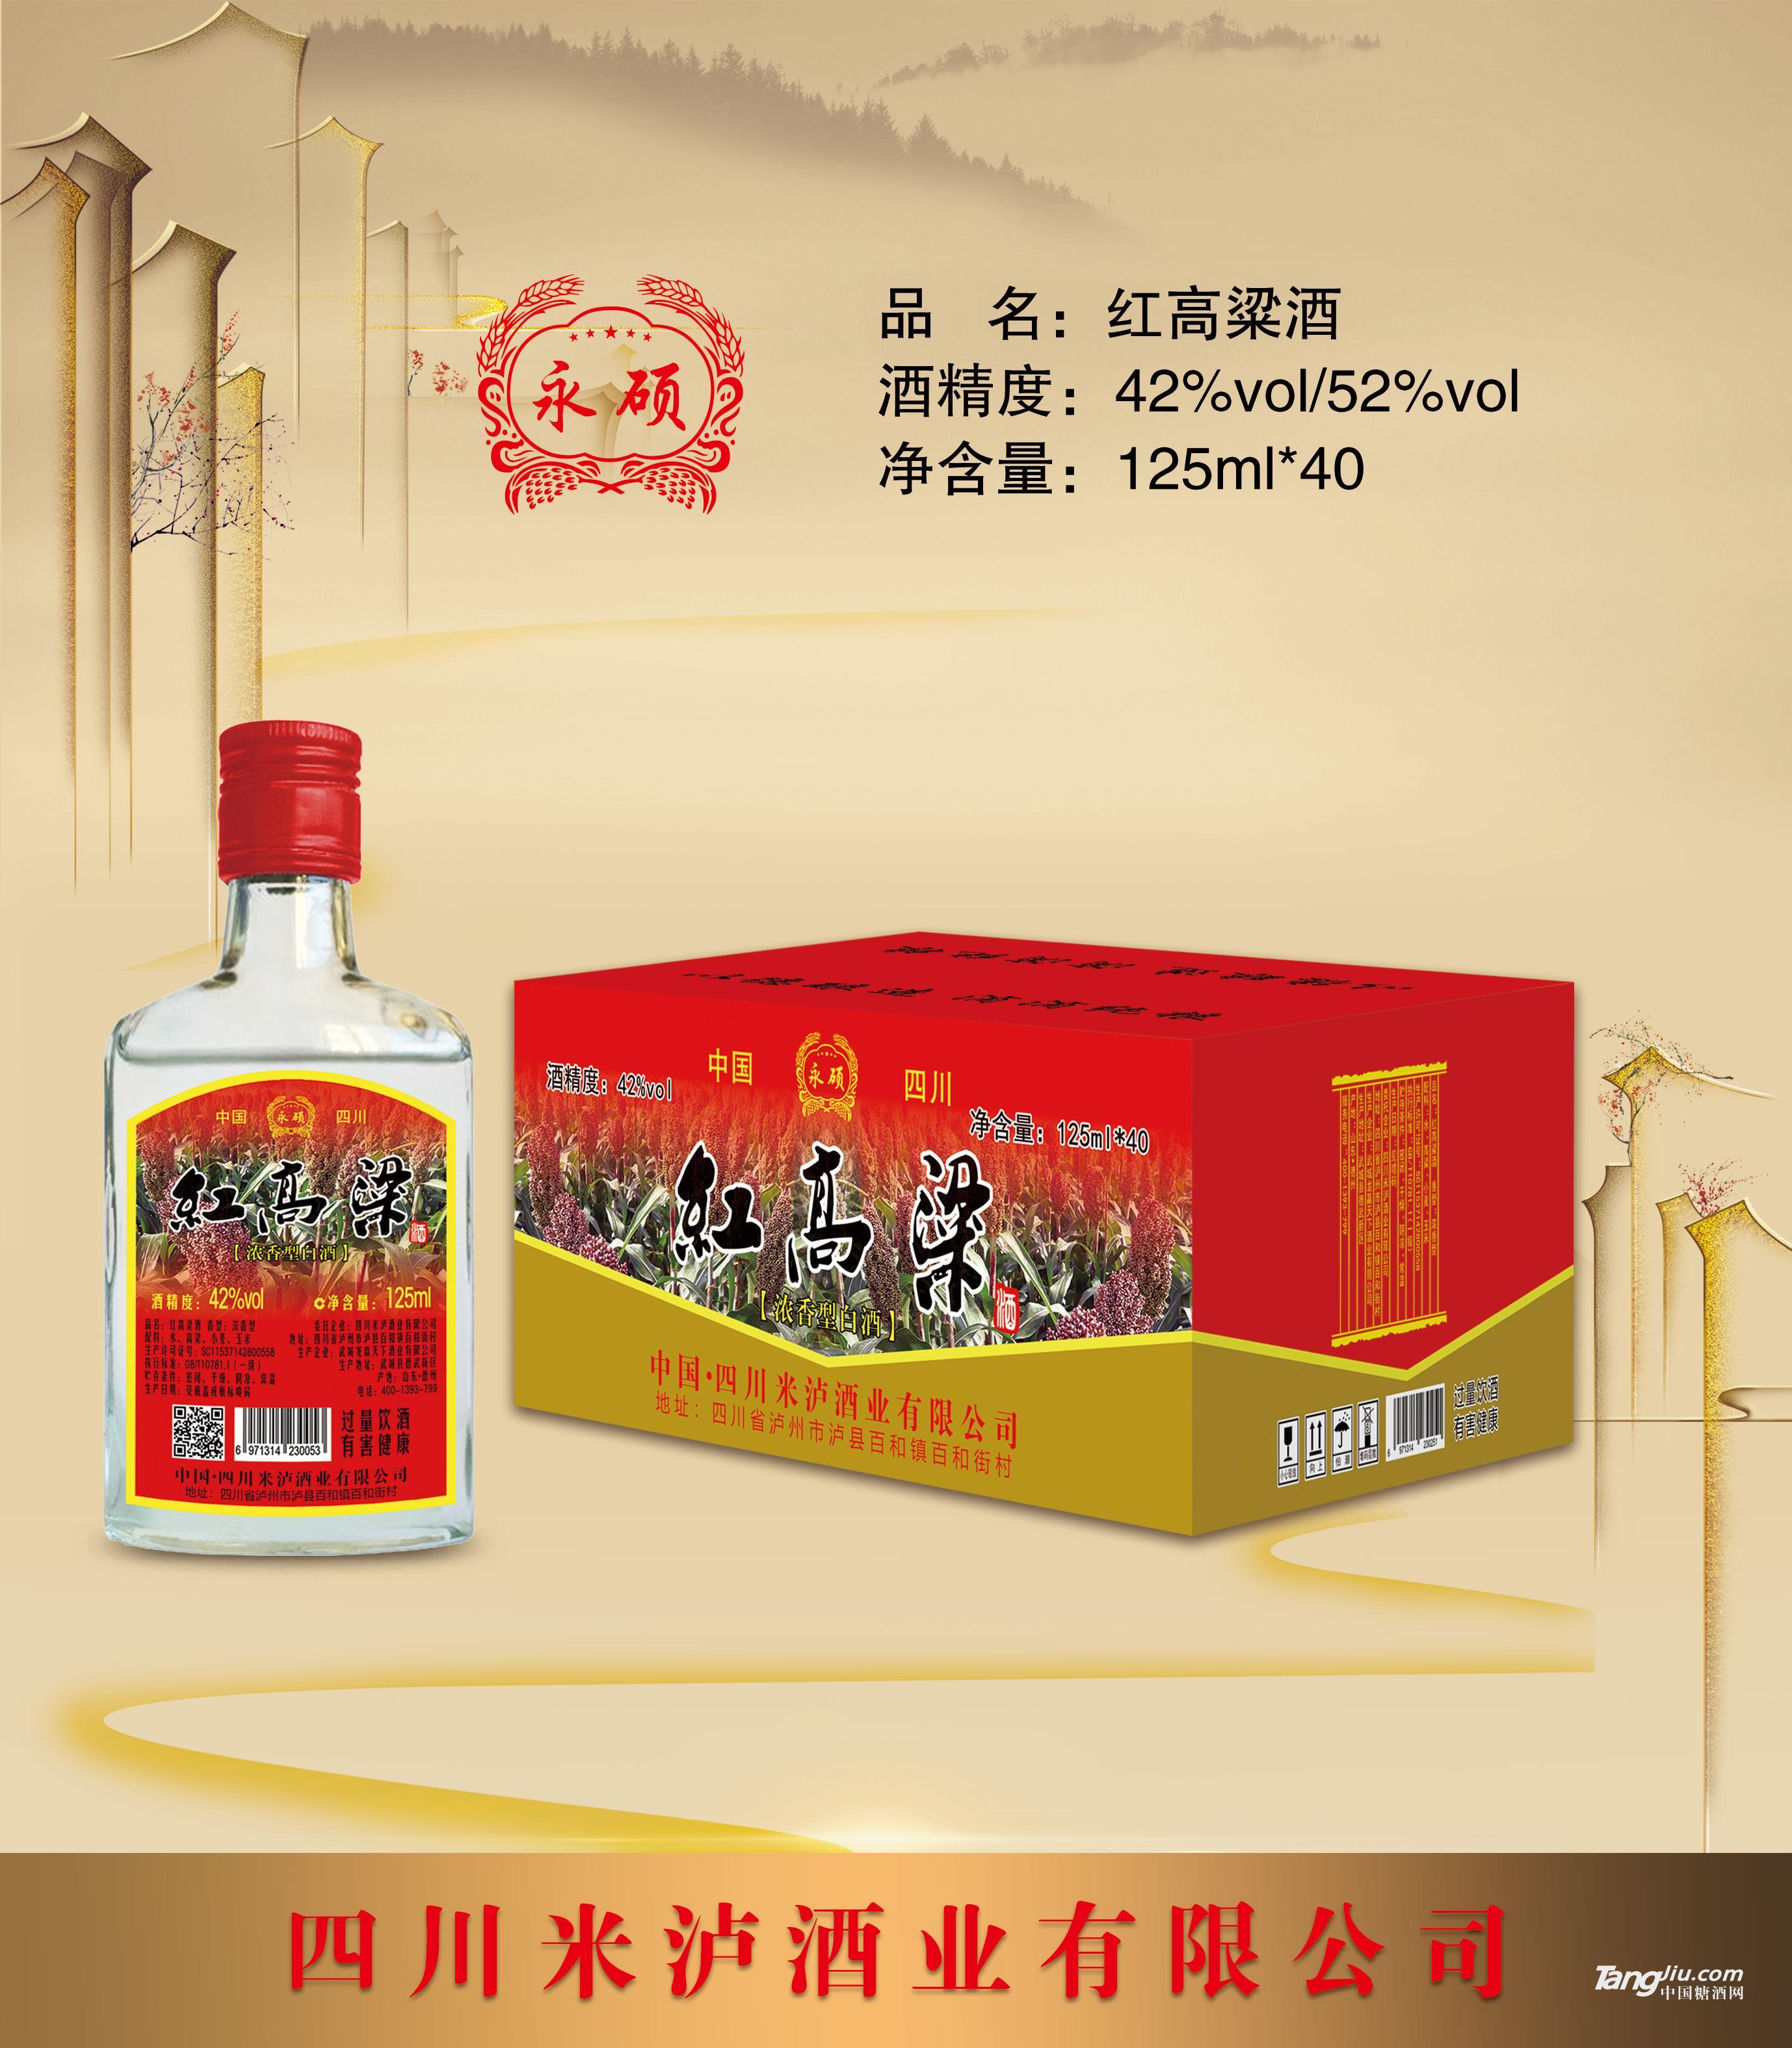 125ml红高粱酒125mlx40